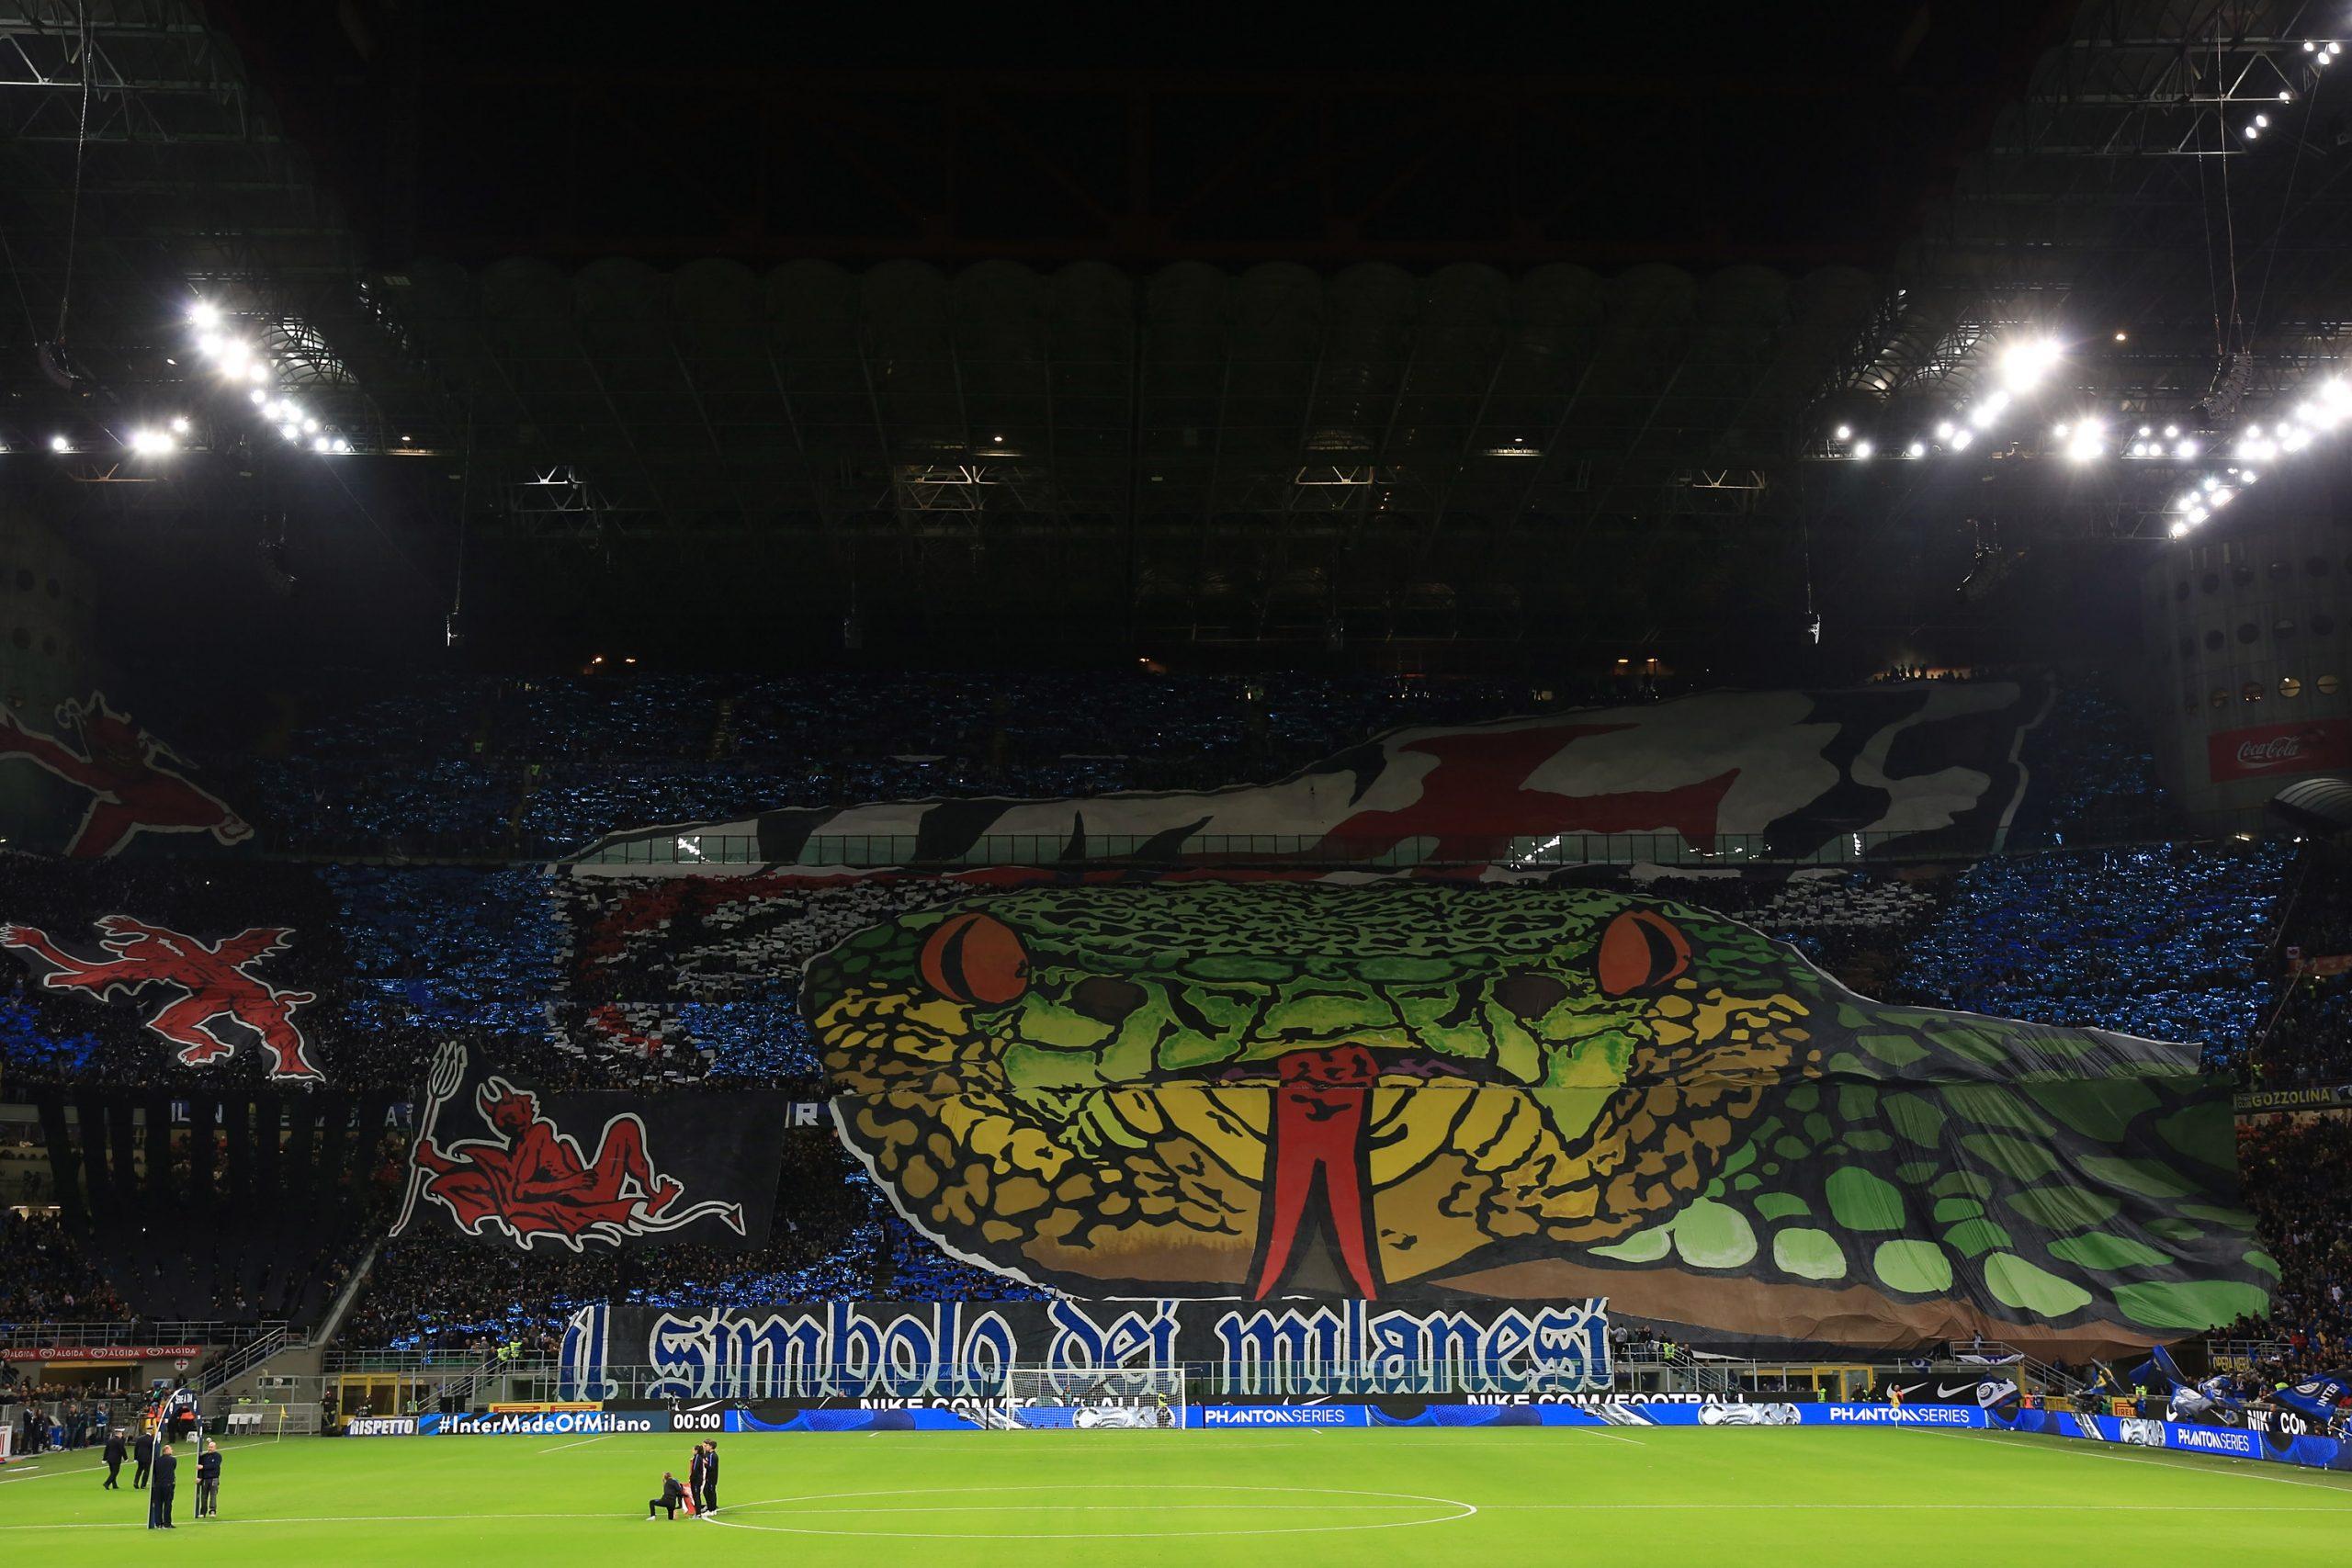 Stadi aperti: la Lega Serie A non vuole più limitazioni